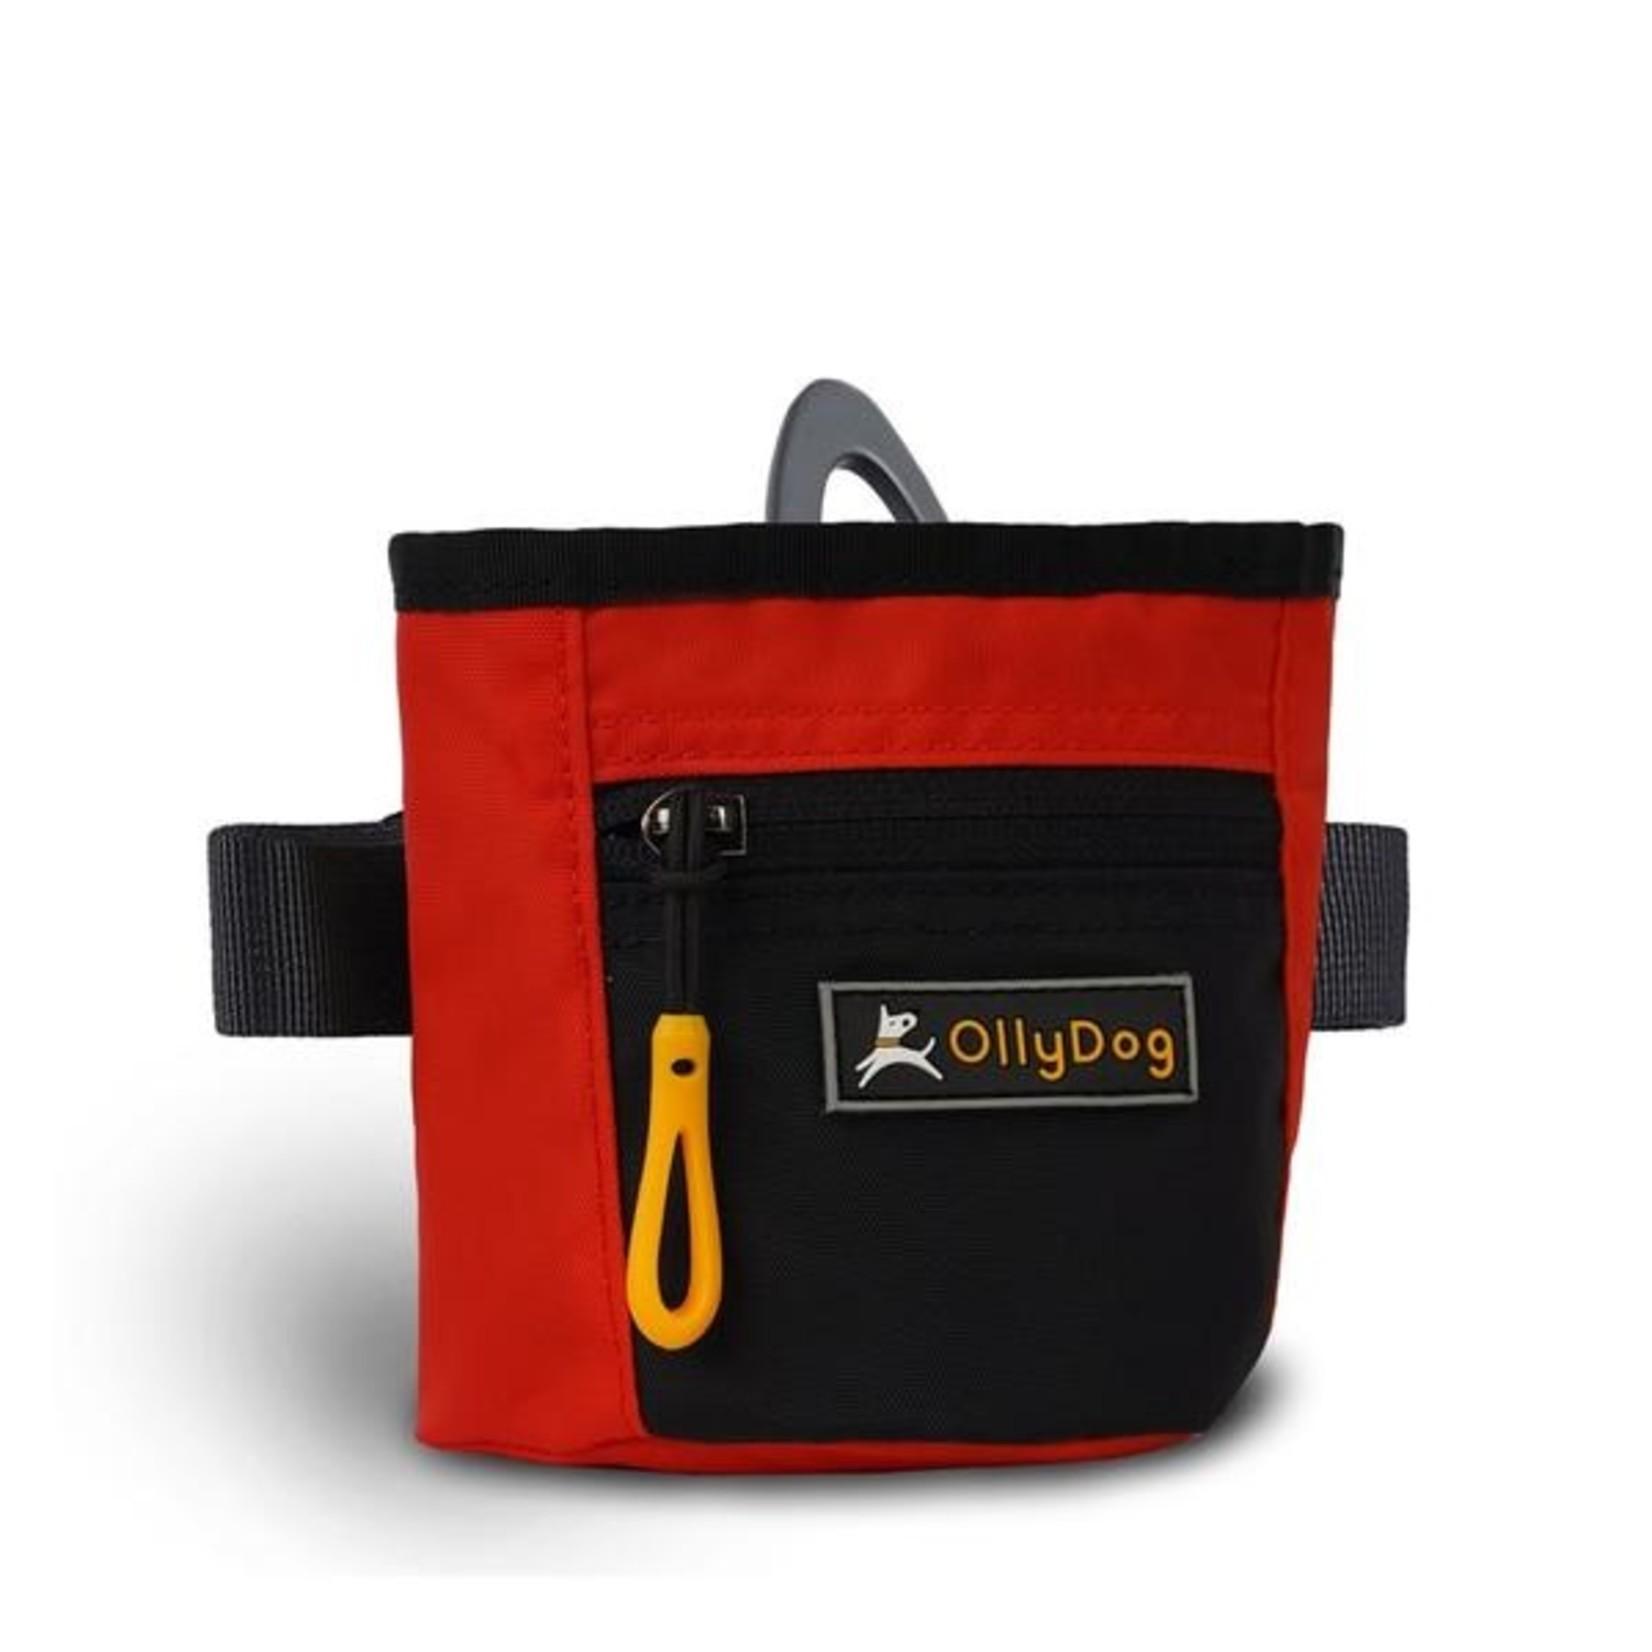 Olly Dog OllyDog Treat Bag Fiesta